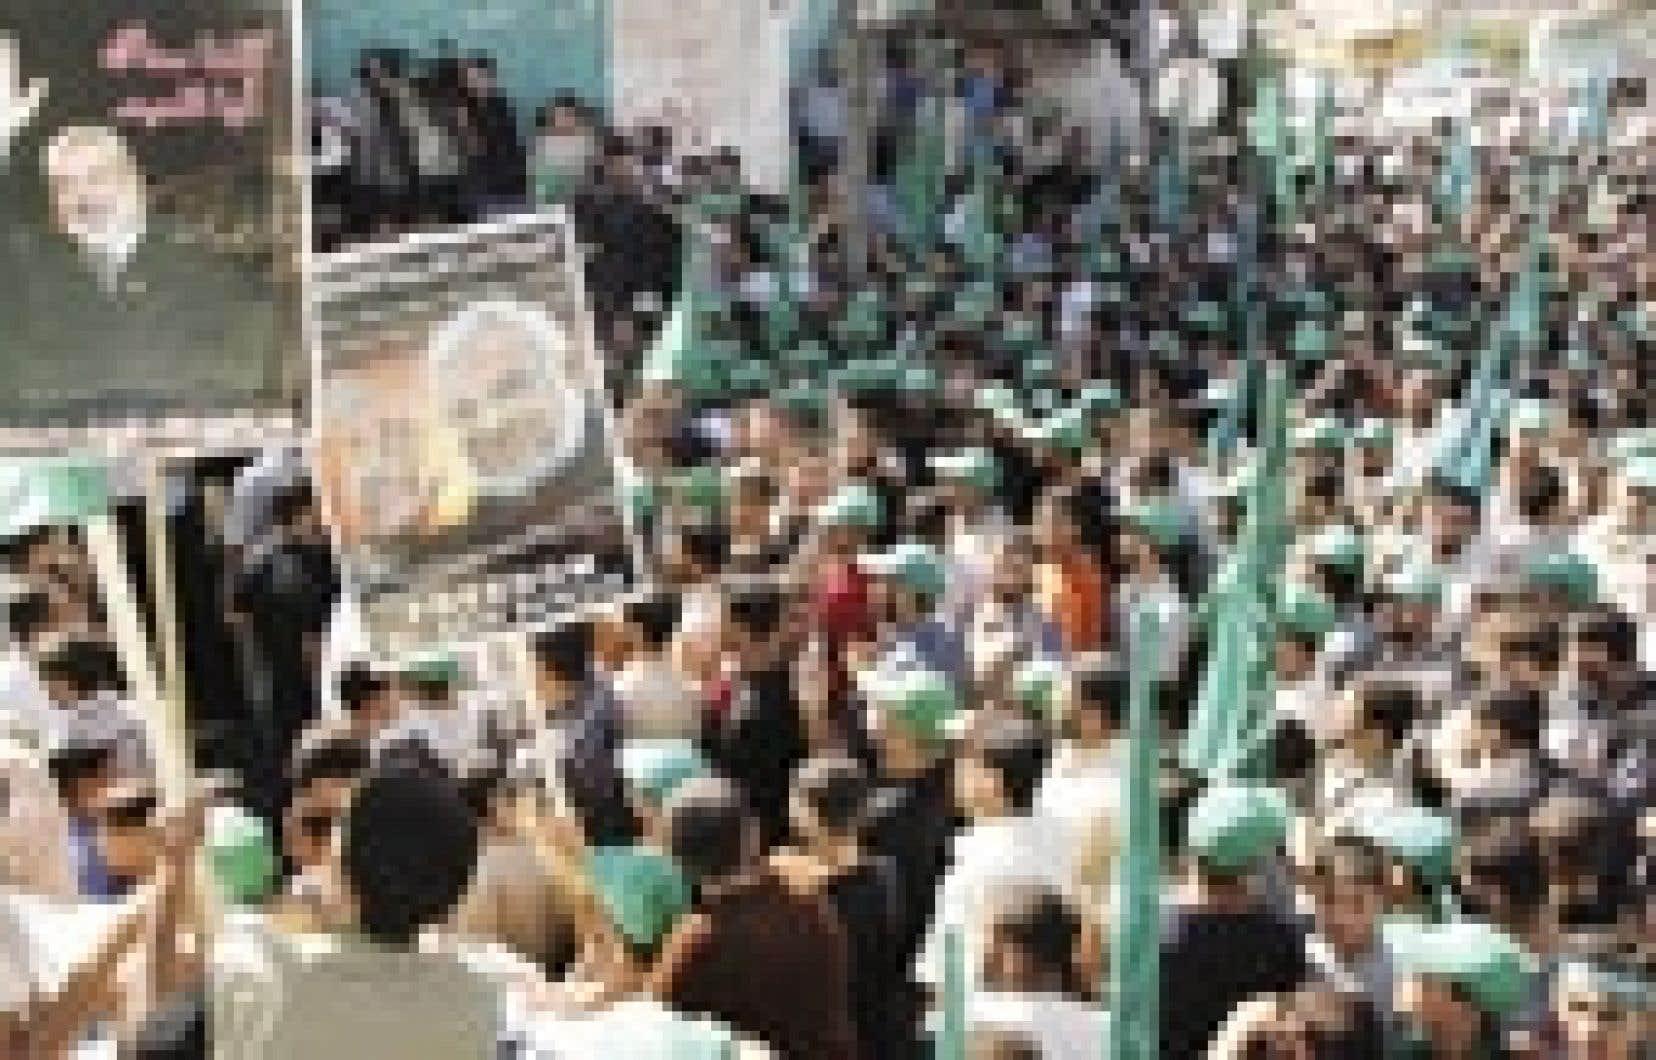 Plus de 10 000 partisans du Hamas se sont réunis hier à Jabaliya, dans la bande de Gaza.